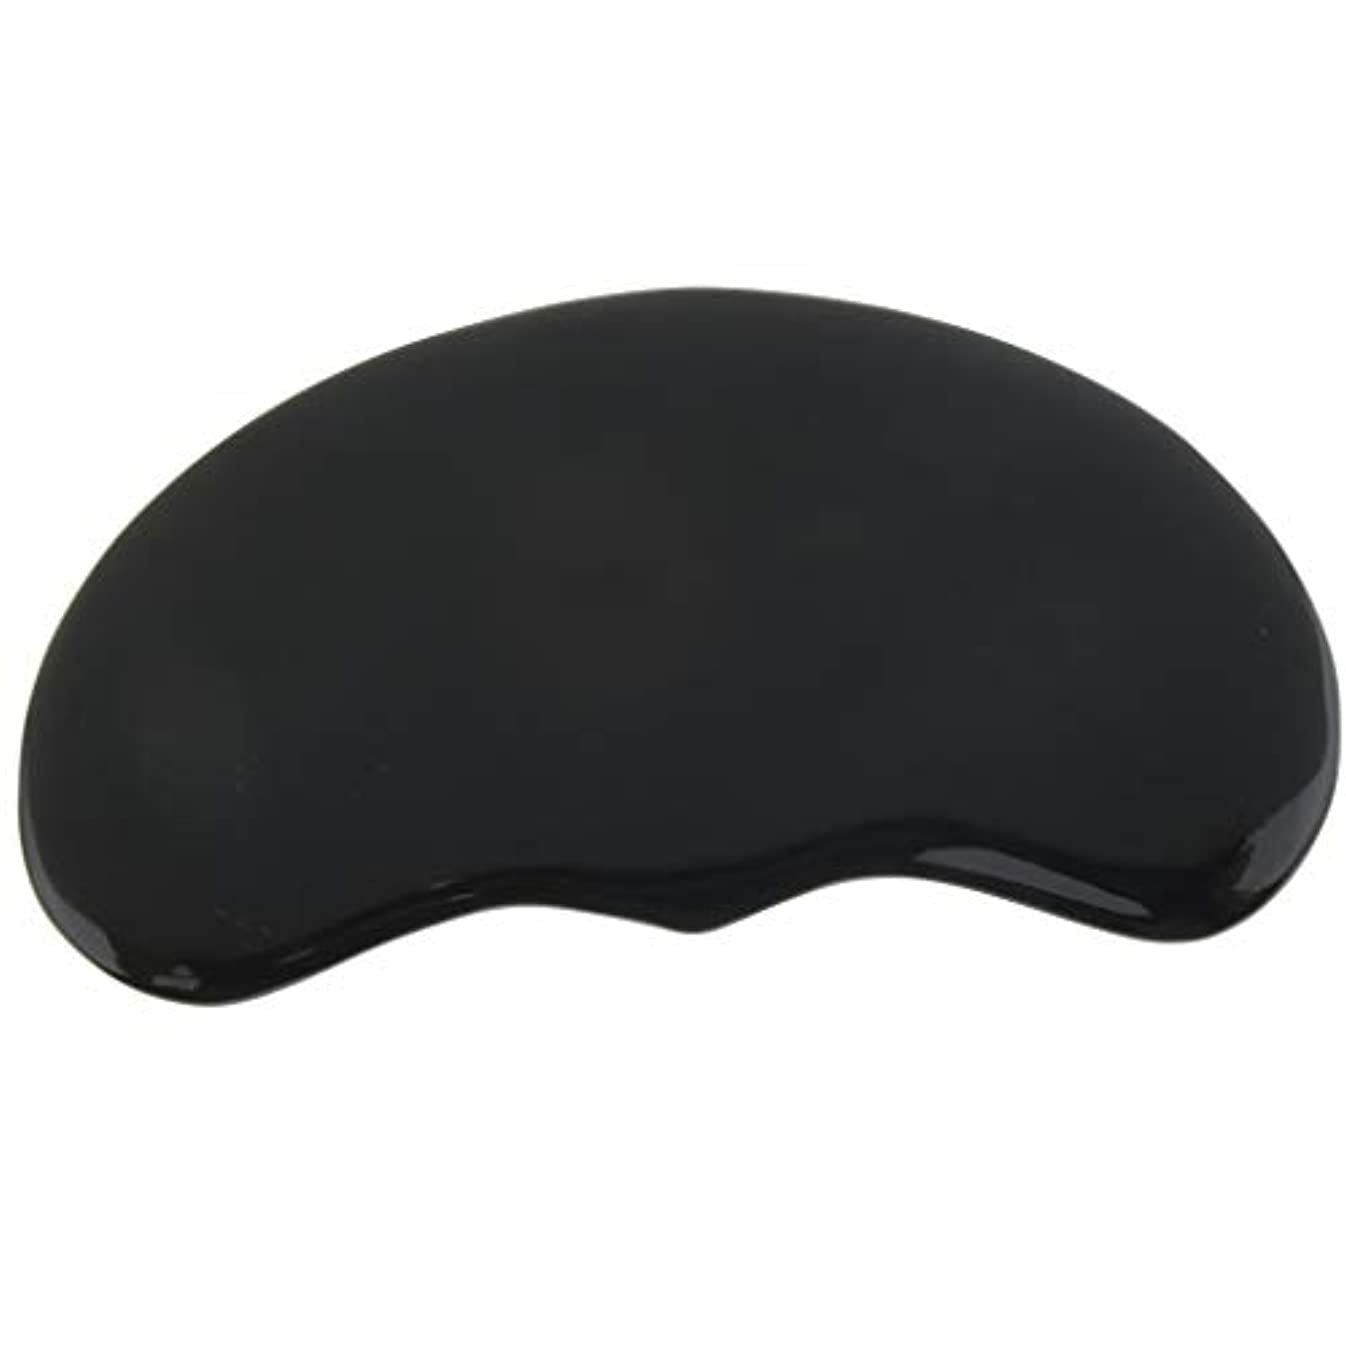 ヒット古い優先SPAサロン マッサージ かっさプレート ツボ押し 顔/体用 ブラック